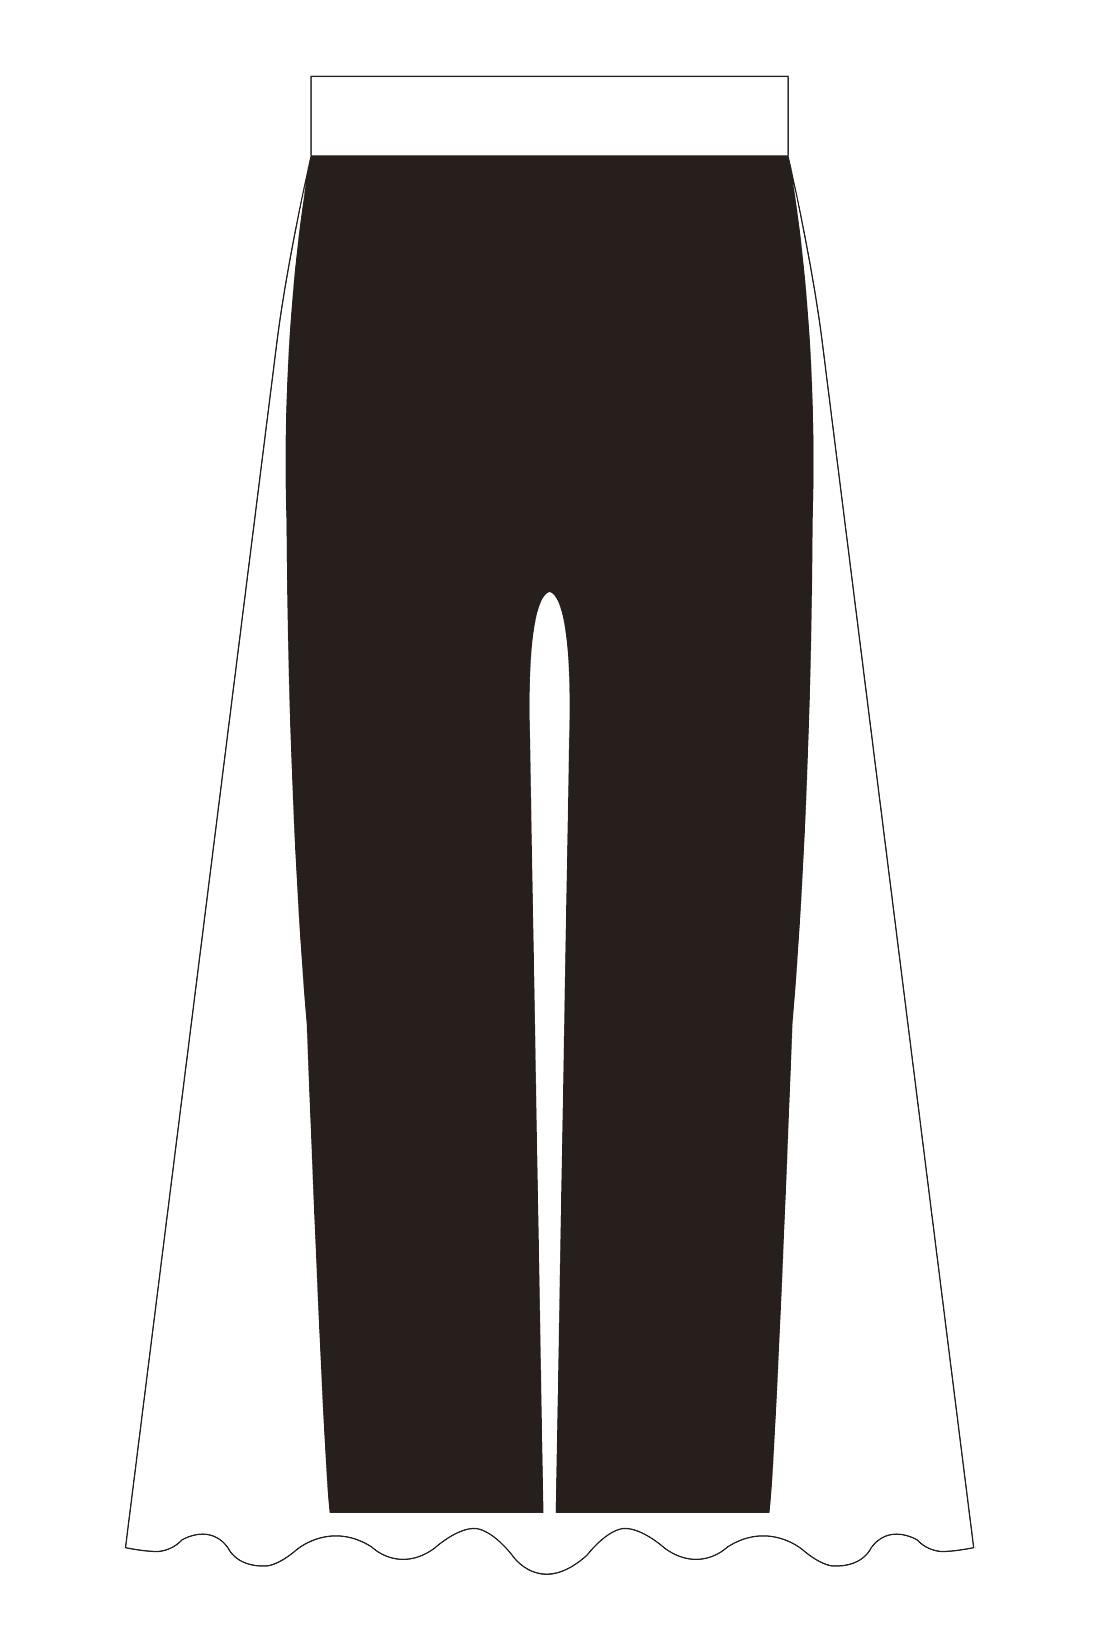 くるぶし丈のあったかレギンスをドッキングしました。黒だから、すそからチラリと見えてもレイヤード風で安心。